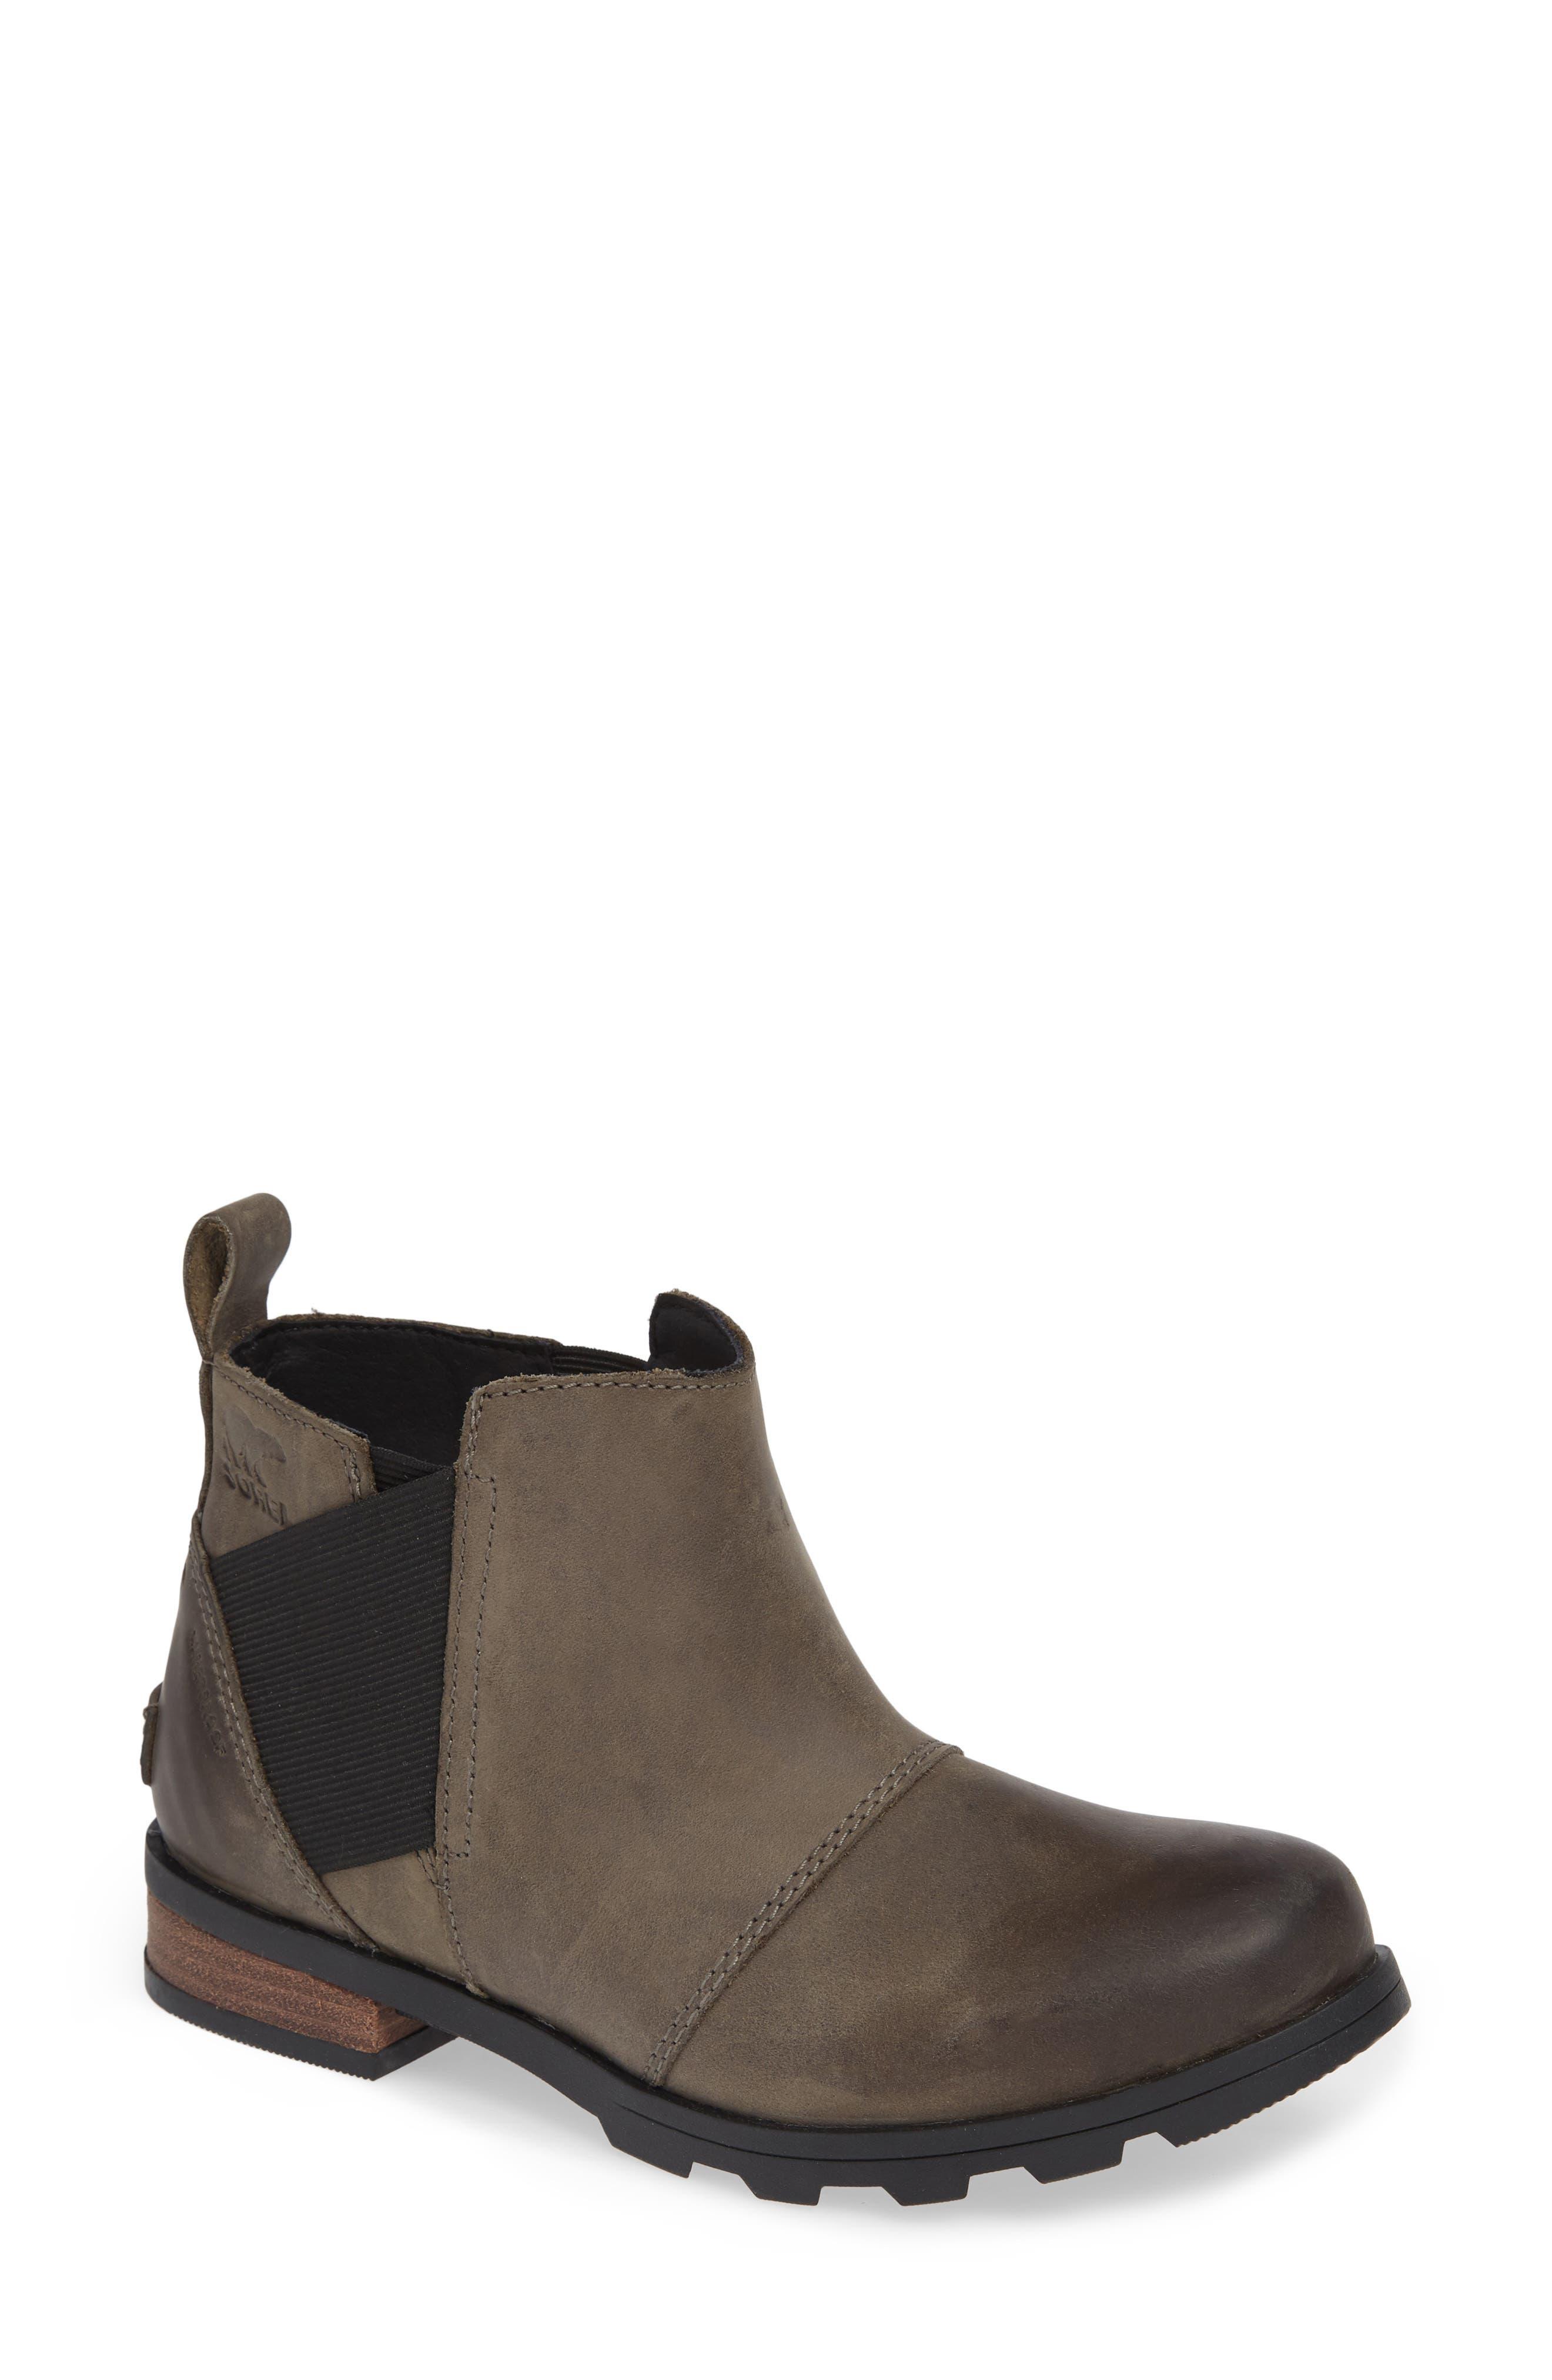 Emelie Waterproof Chelsea Boot,                         Main,                         color,